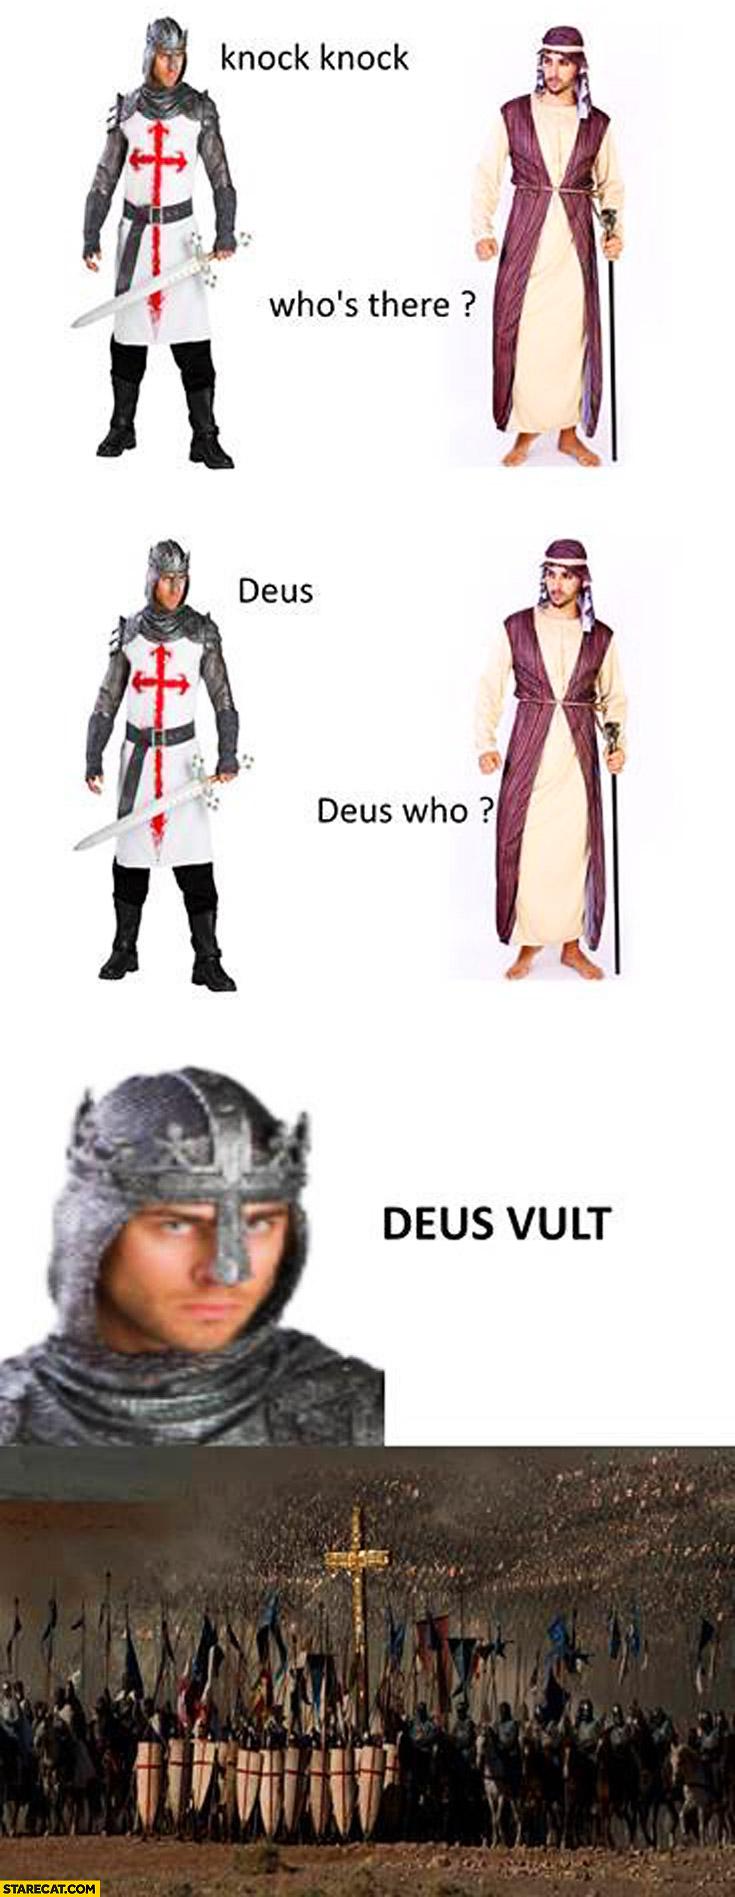 Knock knock. Who's there? Deus. Deus who? Deus vult